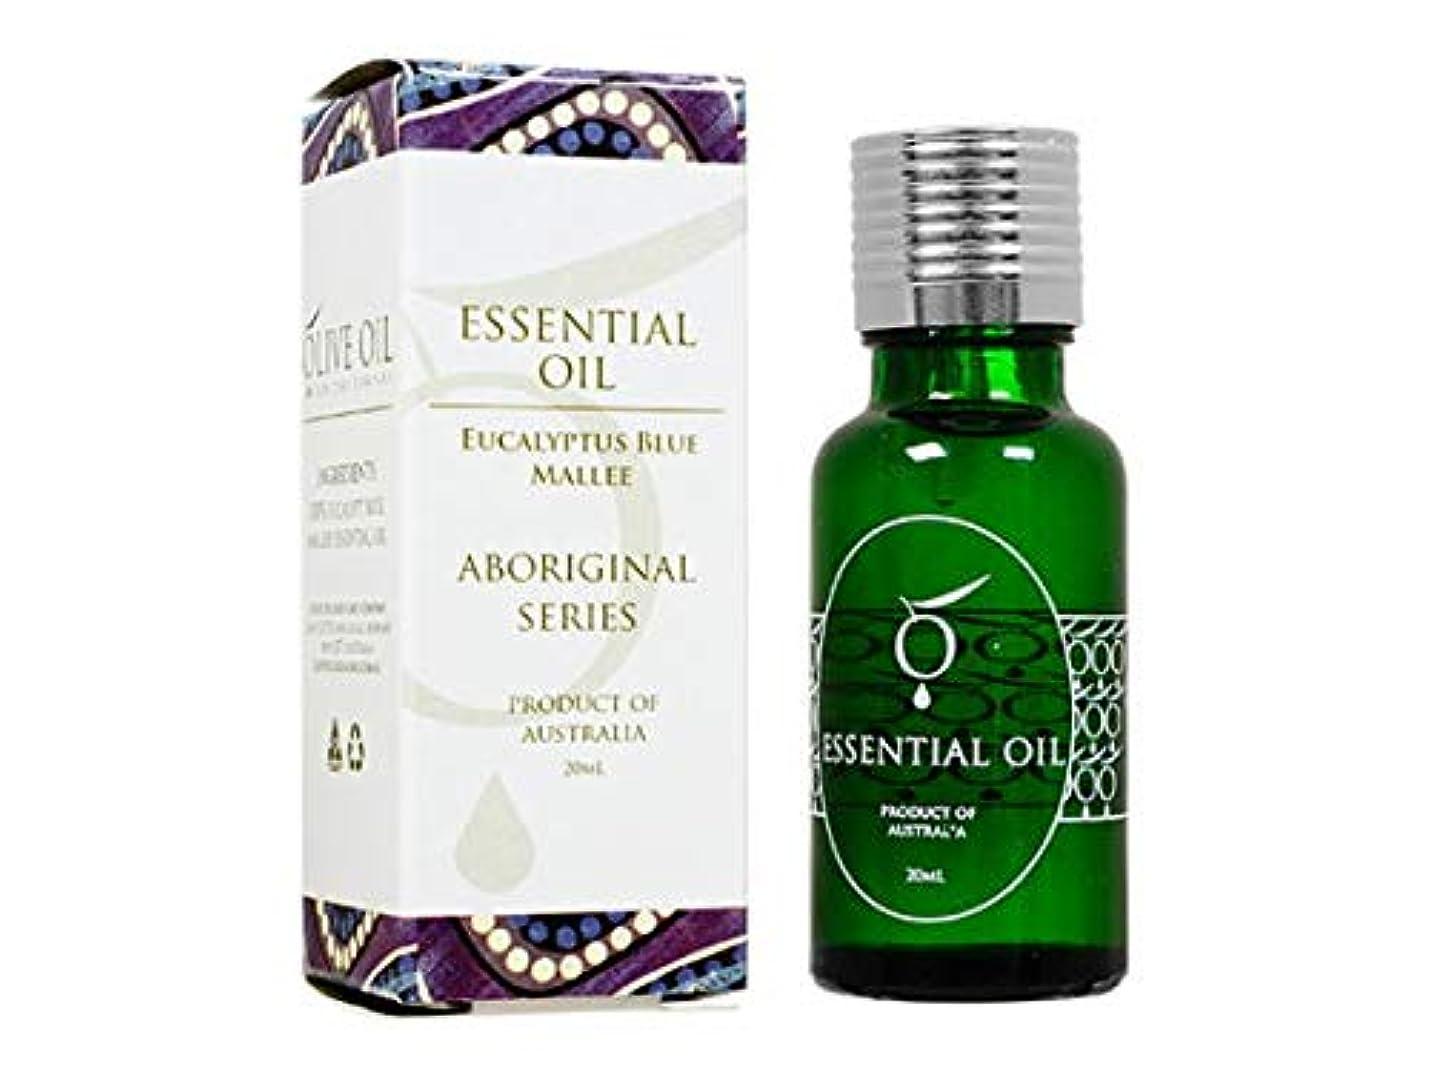 に変わる目覚める思い出させるOliveOil エッセンシャルオイル?ユーカリブルーマリー 20ml (OliveOil) Essential Oil (Eucalyptus Blue Mallee) Made in Australia